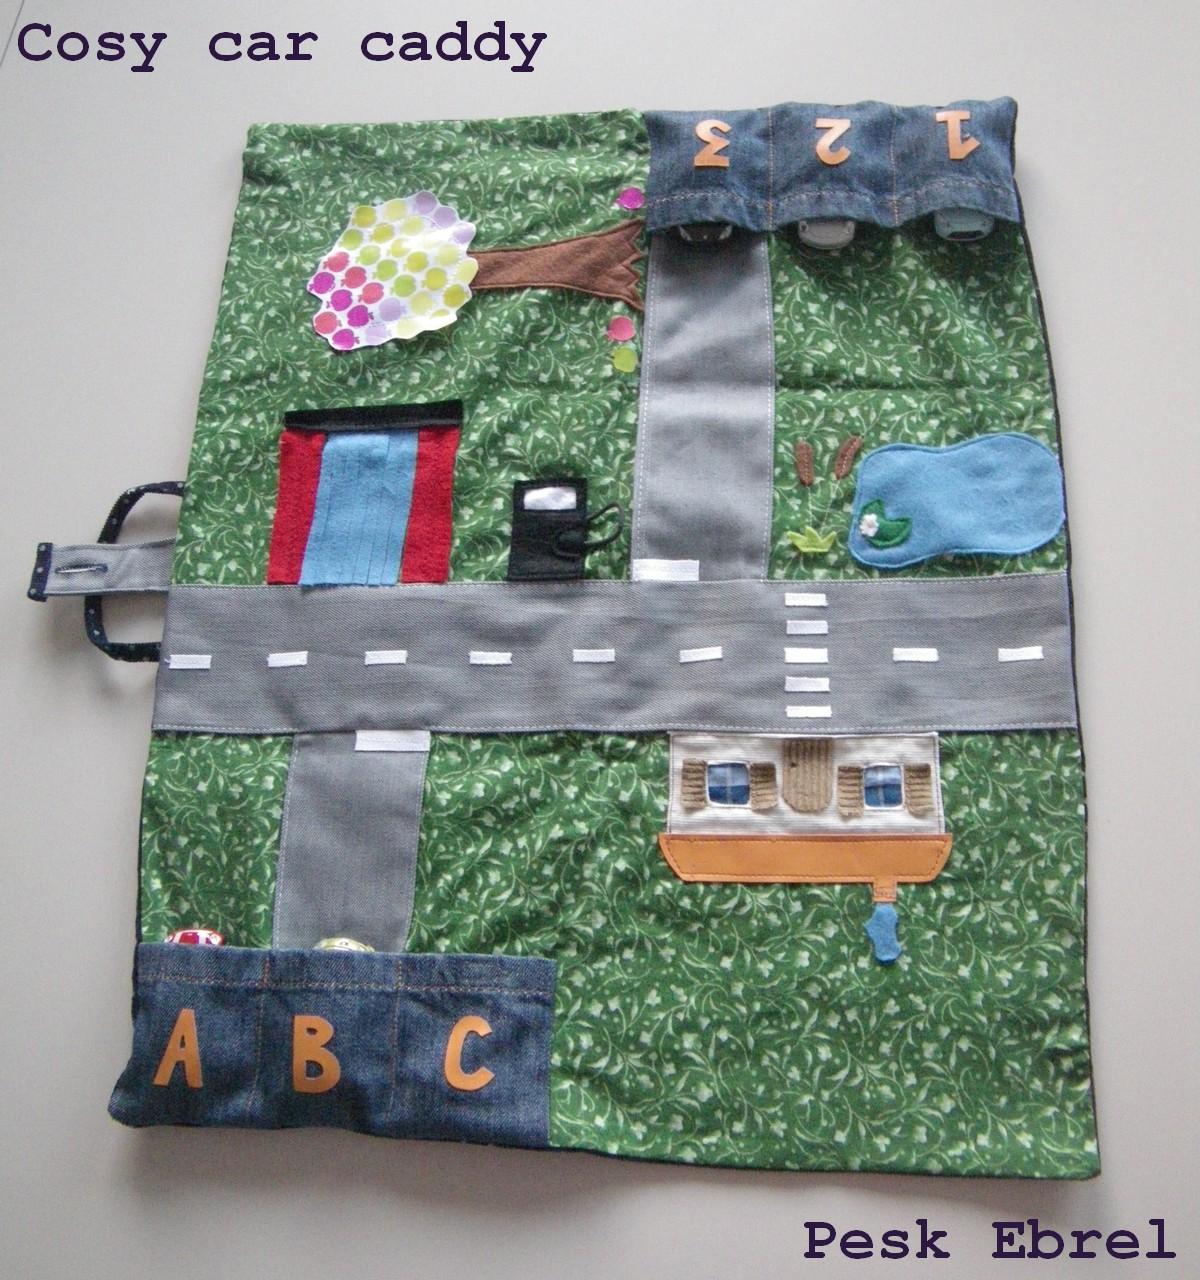 Le tapis garage voitures ou cosy car caddy pesk ebrel for Garage des etoiles montigny les cormeilles